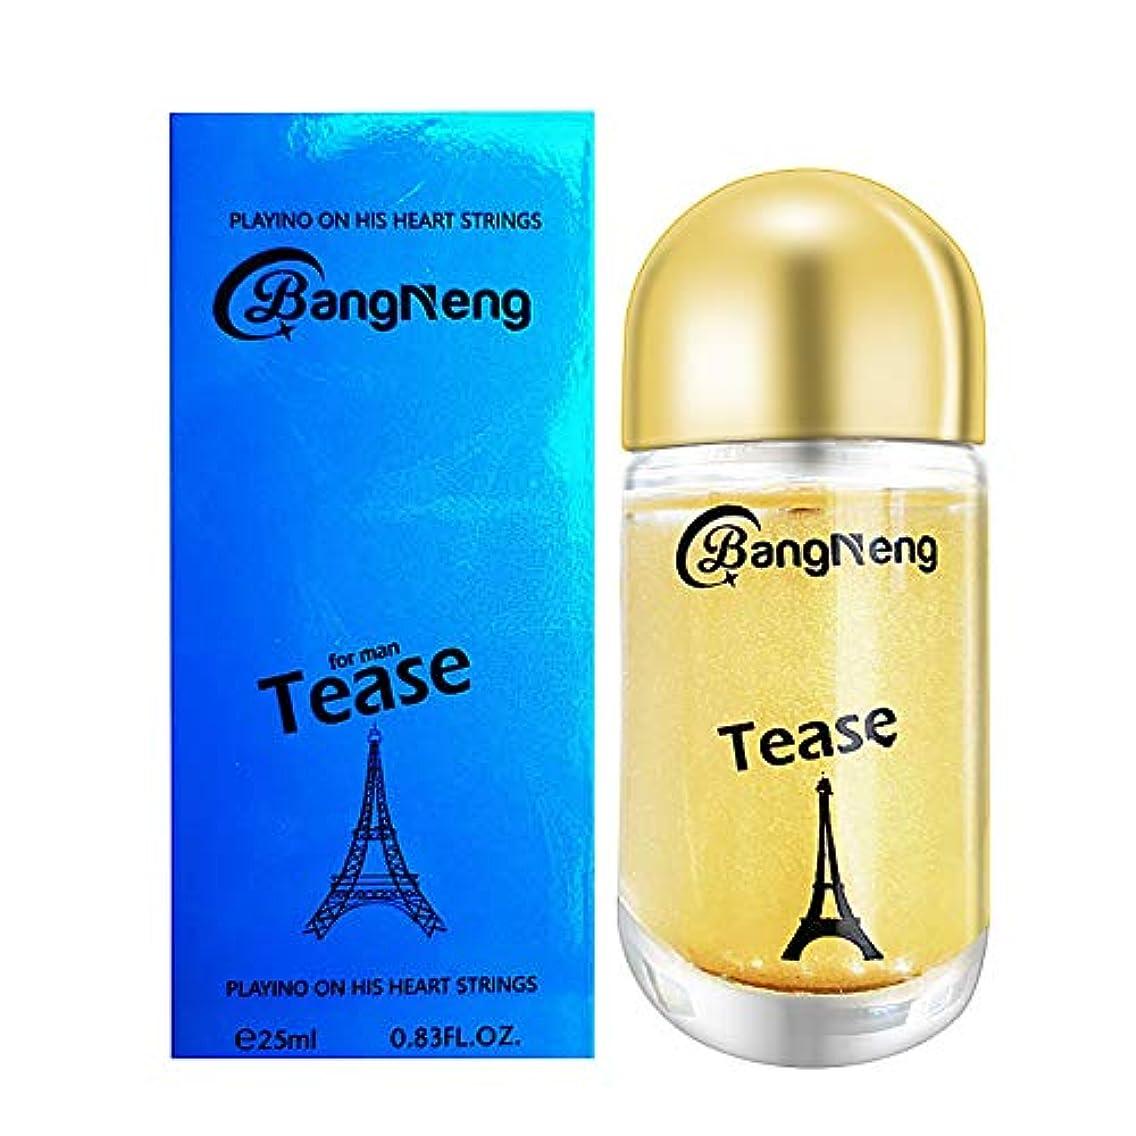 時系列ピック例ACHICOO 香水 オーガズム ボディスプレー 浮気 香り 女の子 男性 紳士のからかいの香水